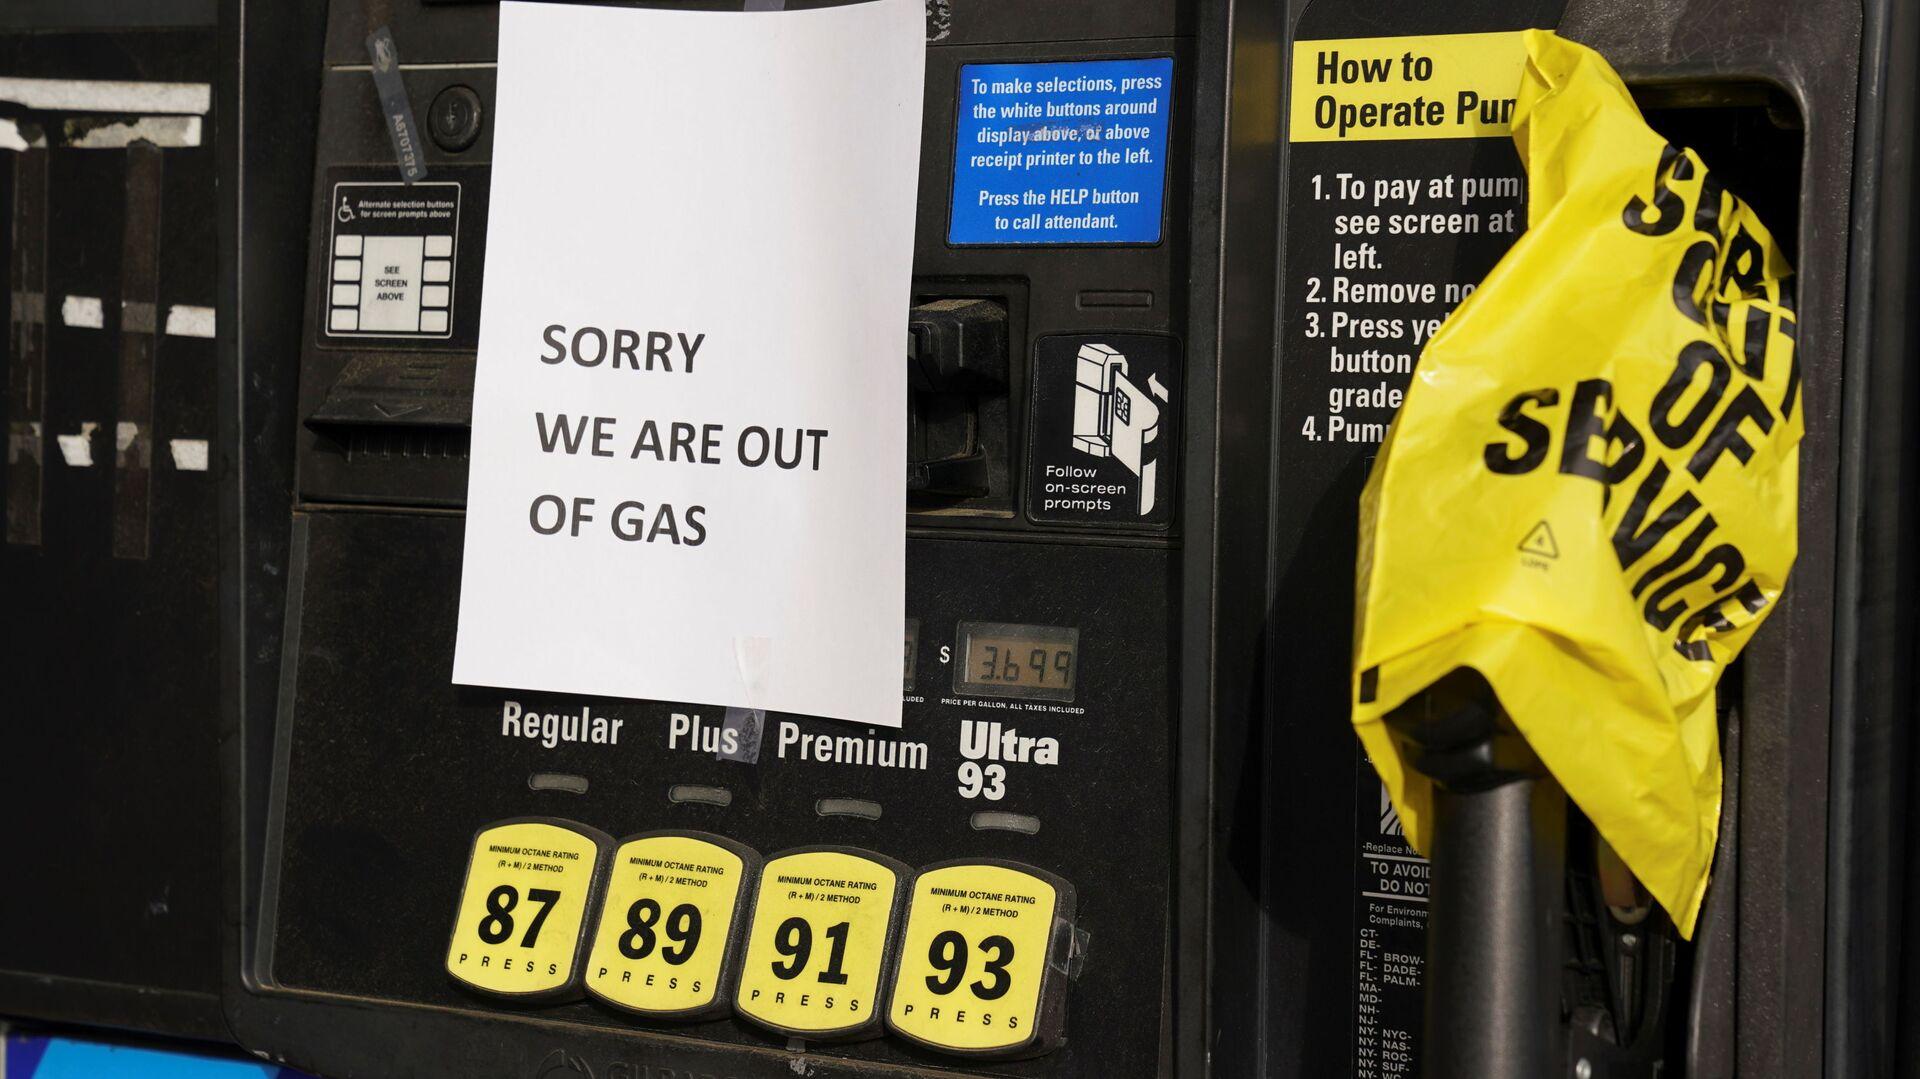 В США  резко вырос спрос на топливо после кибератаки, которая повредила Колониальный трубопровод в Дареме, штат Северная Каролина - Sputnik Latvija, 1920, 15.05.2021